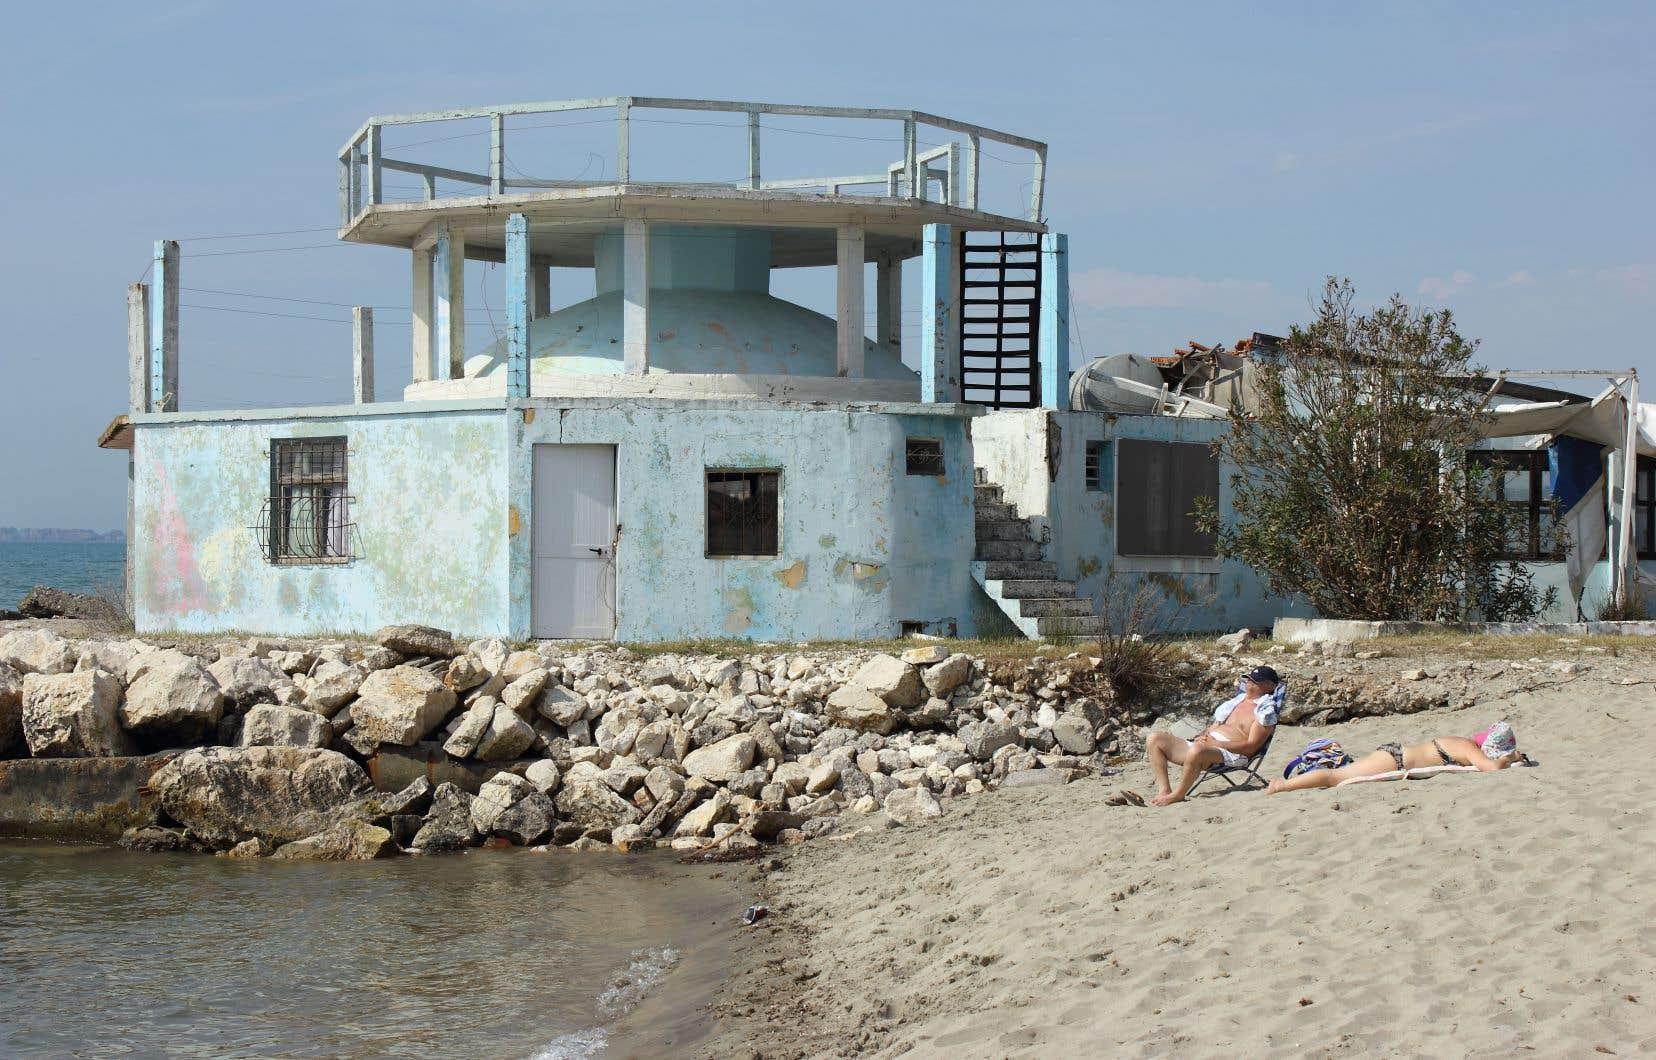 À Durrës, on peut faire bronzette tout près d'un bunker.